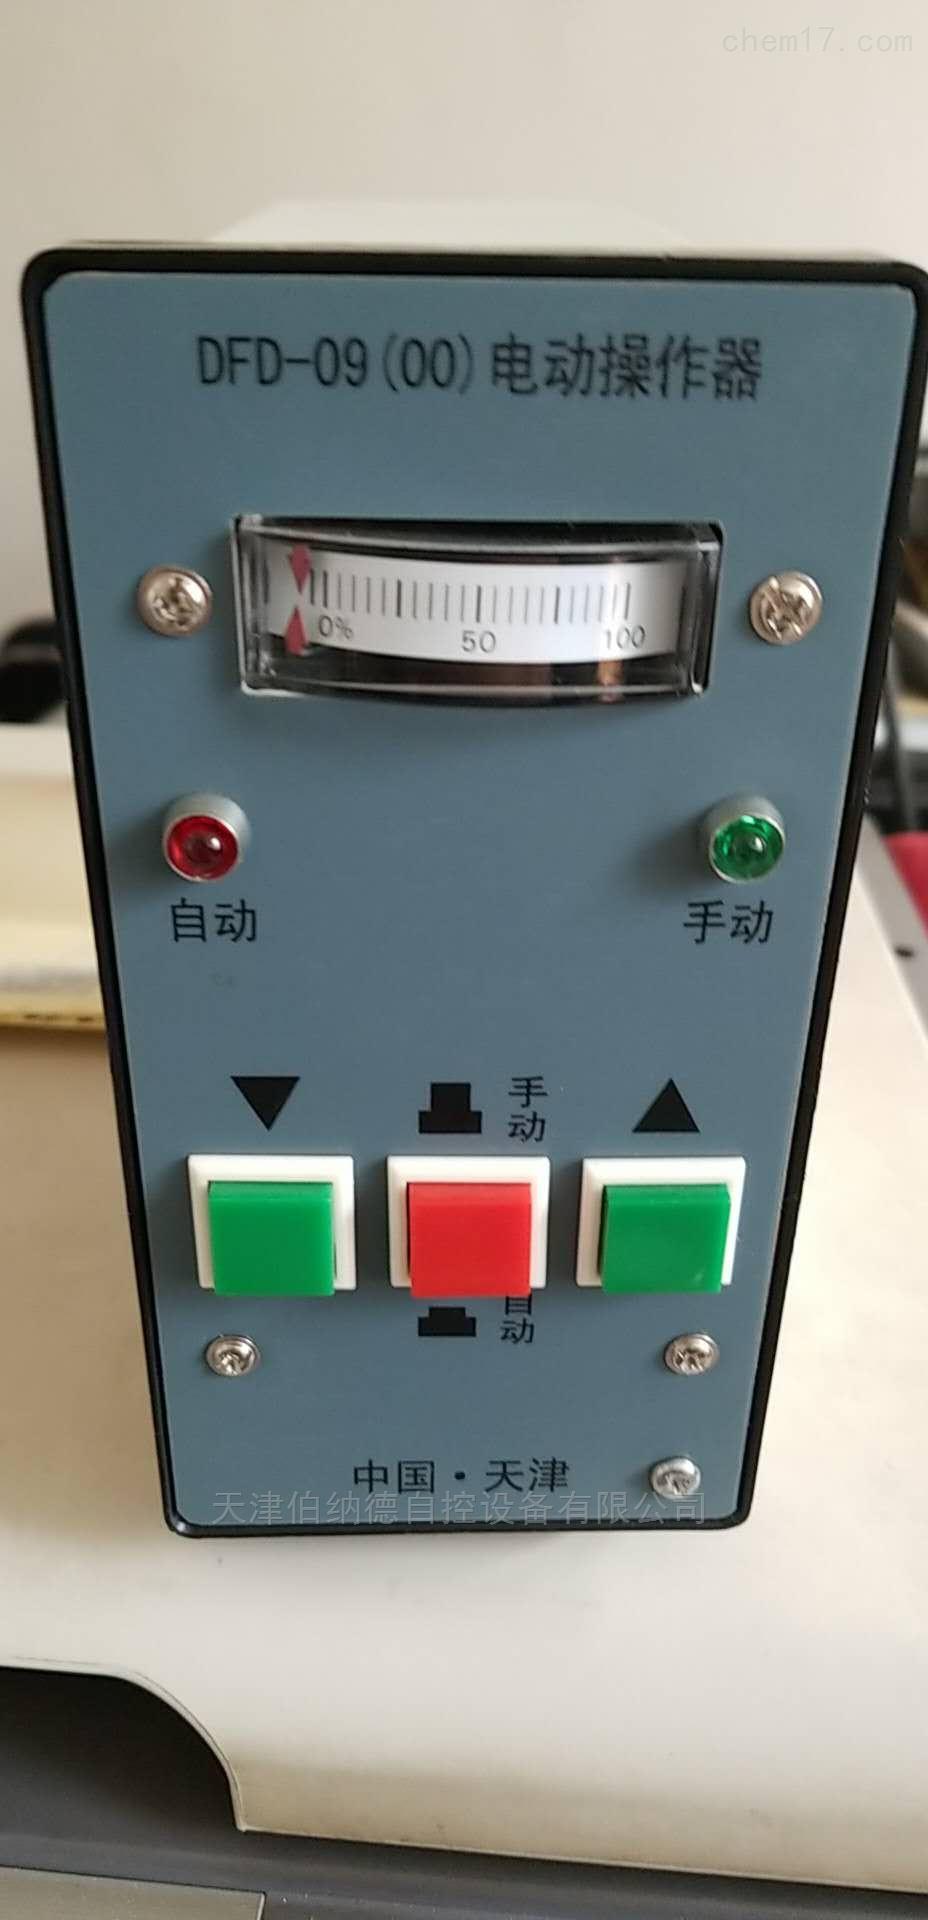 电动阀门配件-调动操作器